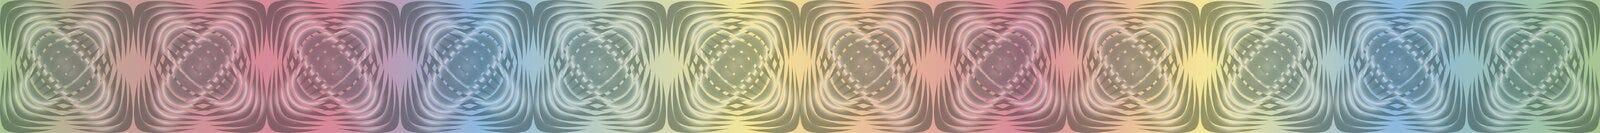 Geometrische patronen met gradiëntvulling 5 royalty-vrije illustratie